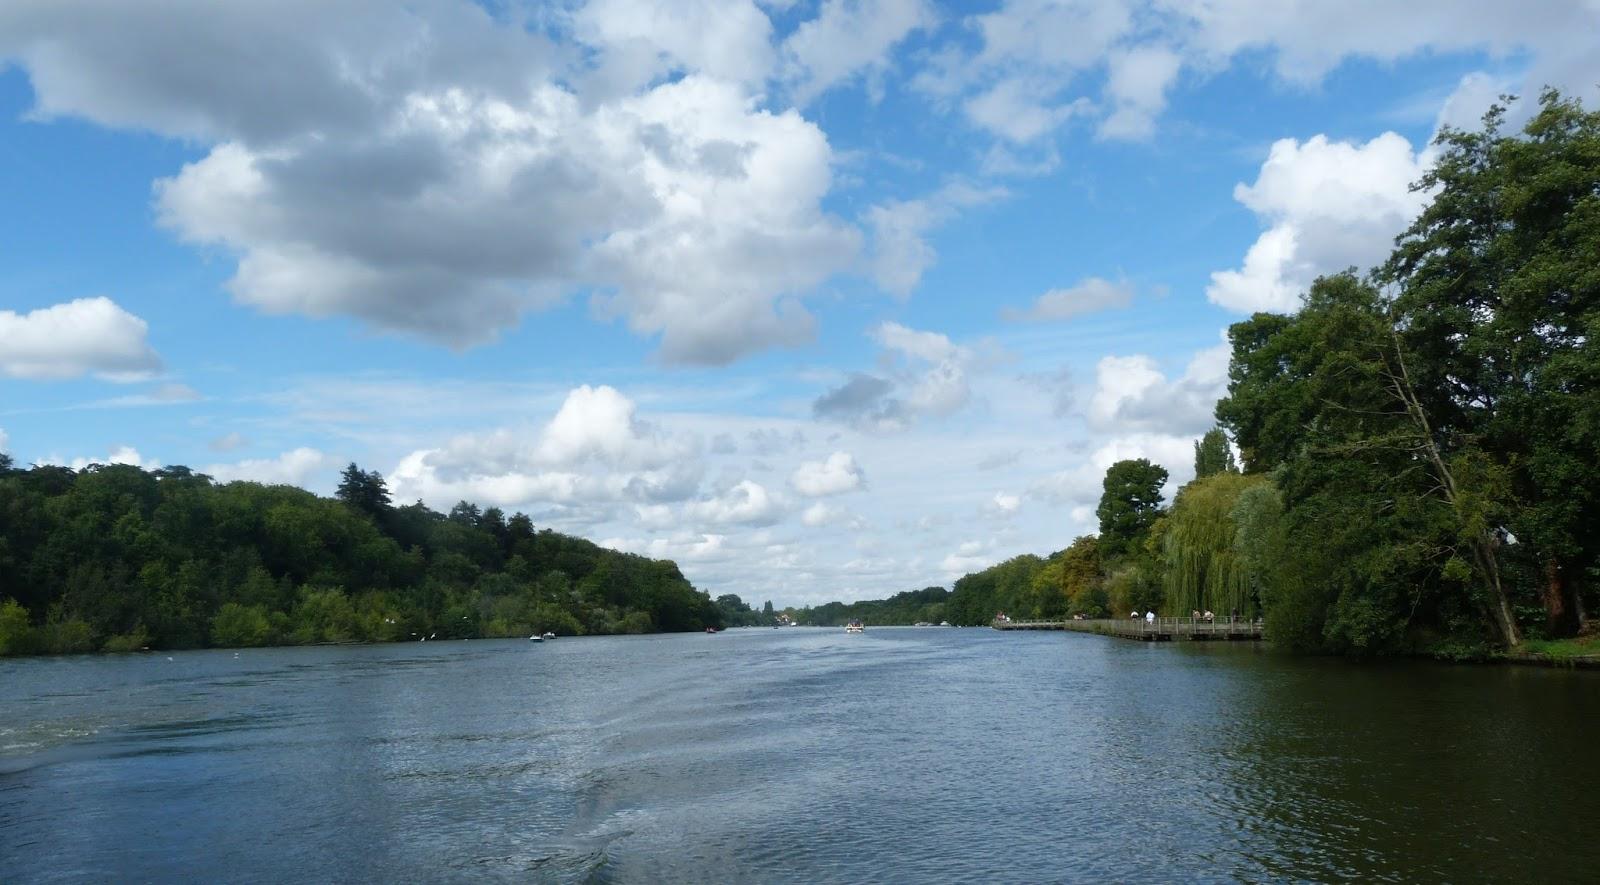 erdre rivière